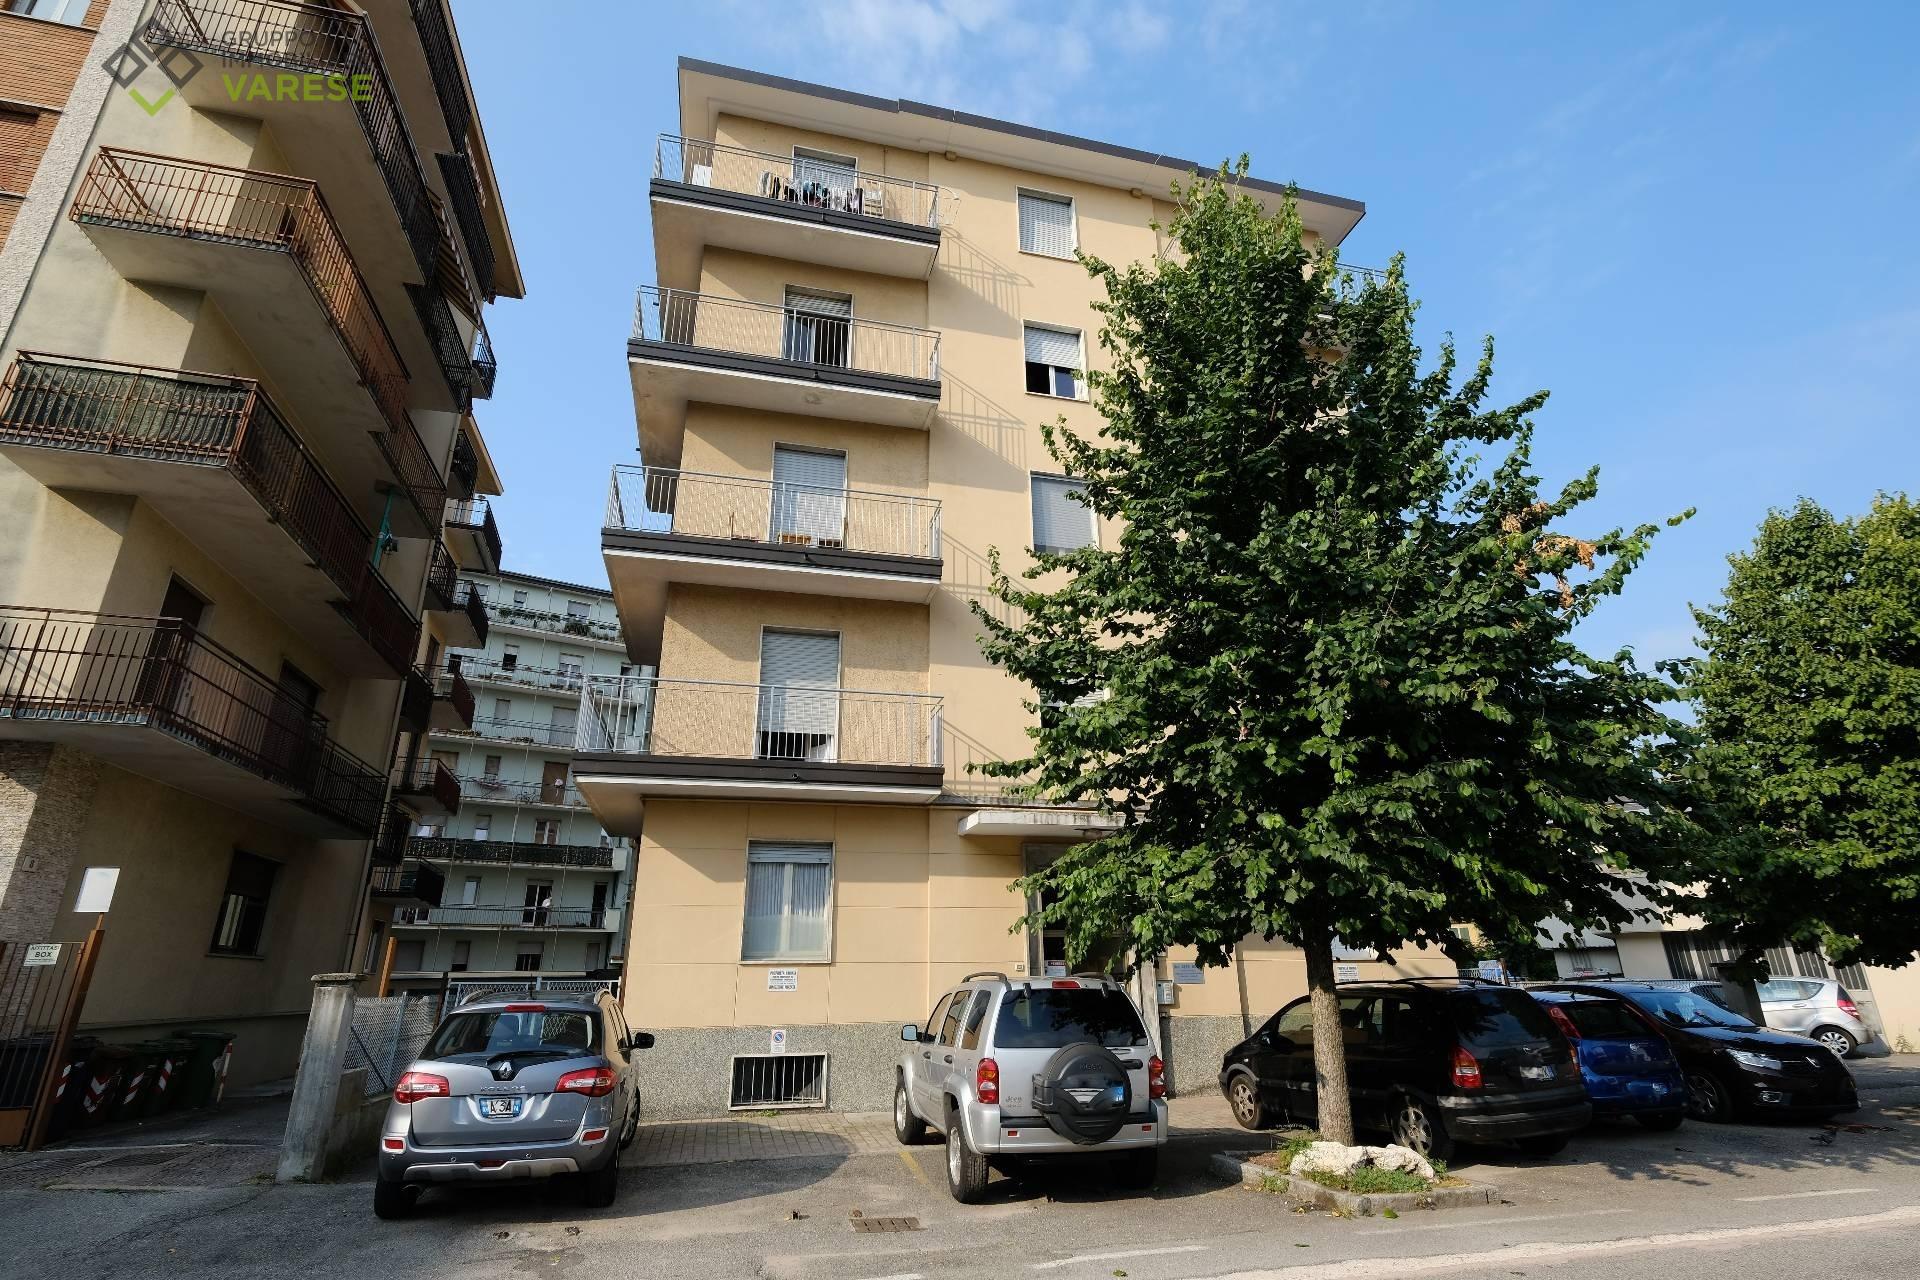 vendita appartamento varese giubiano  70000 euro  3 locali  94 mq